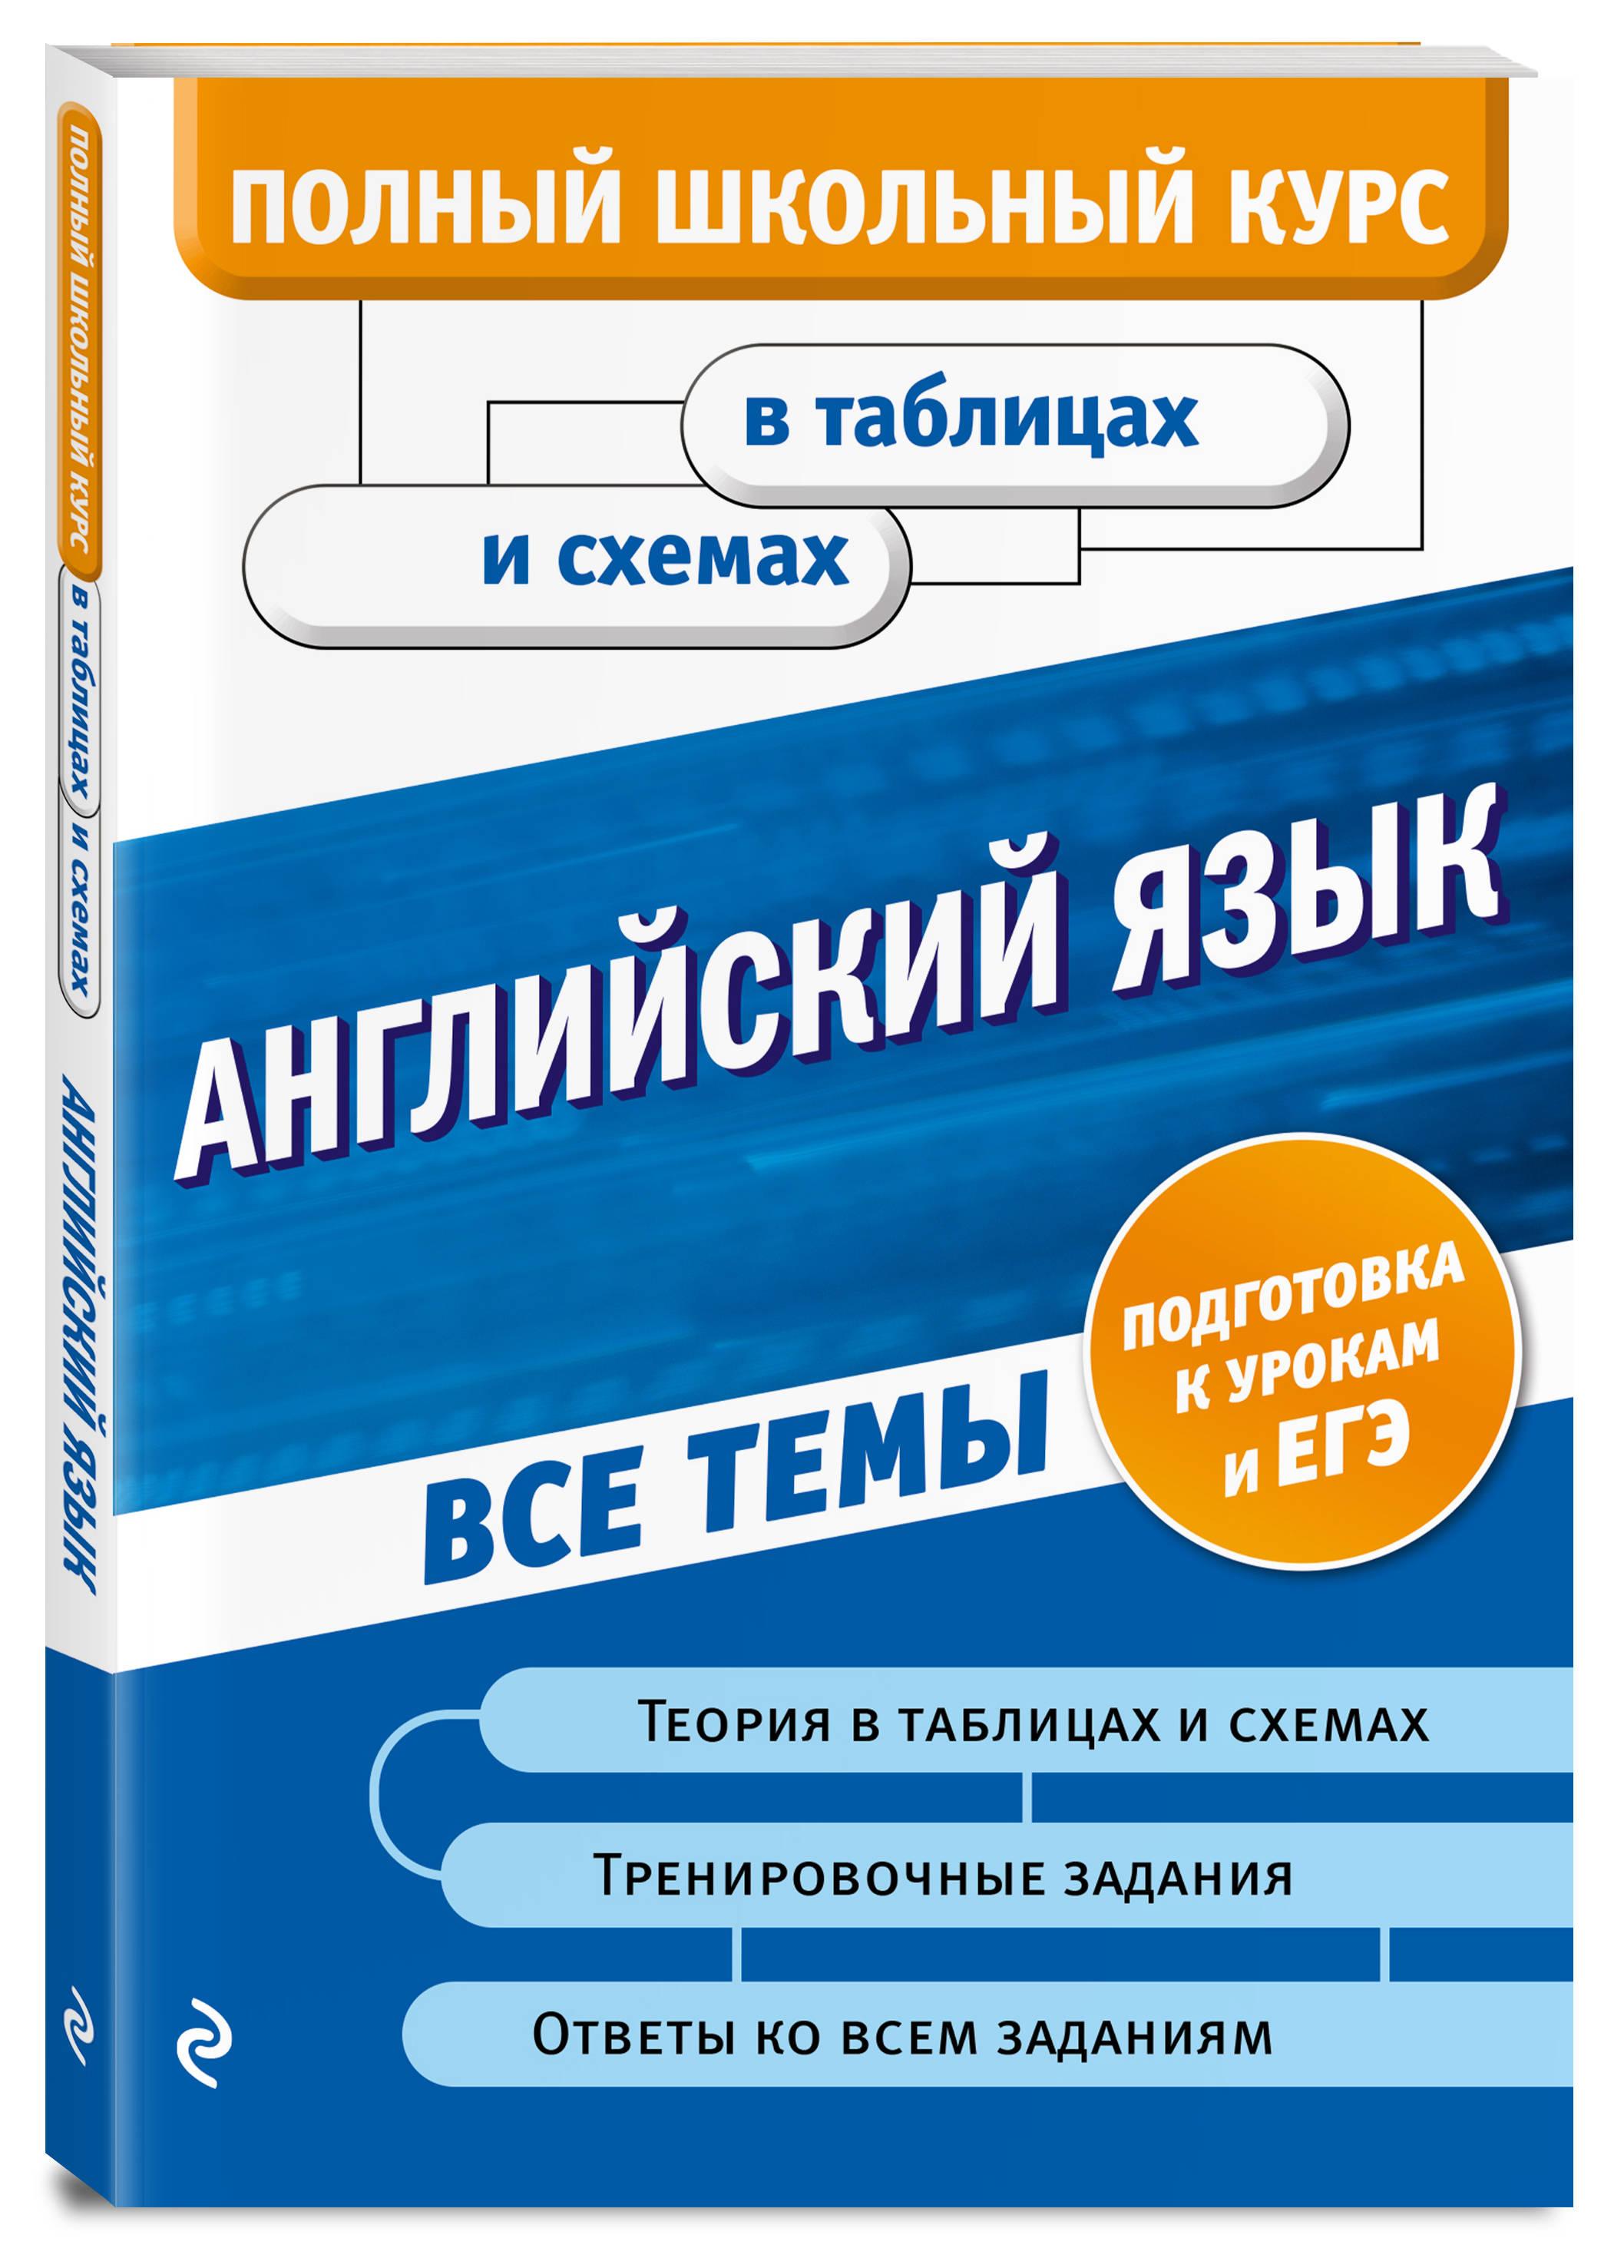 Английский язык ( Ильченко Валерия Витальевна  )